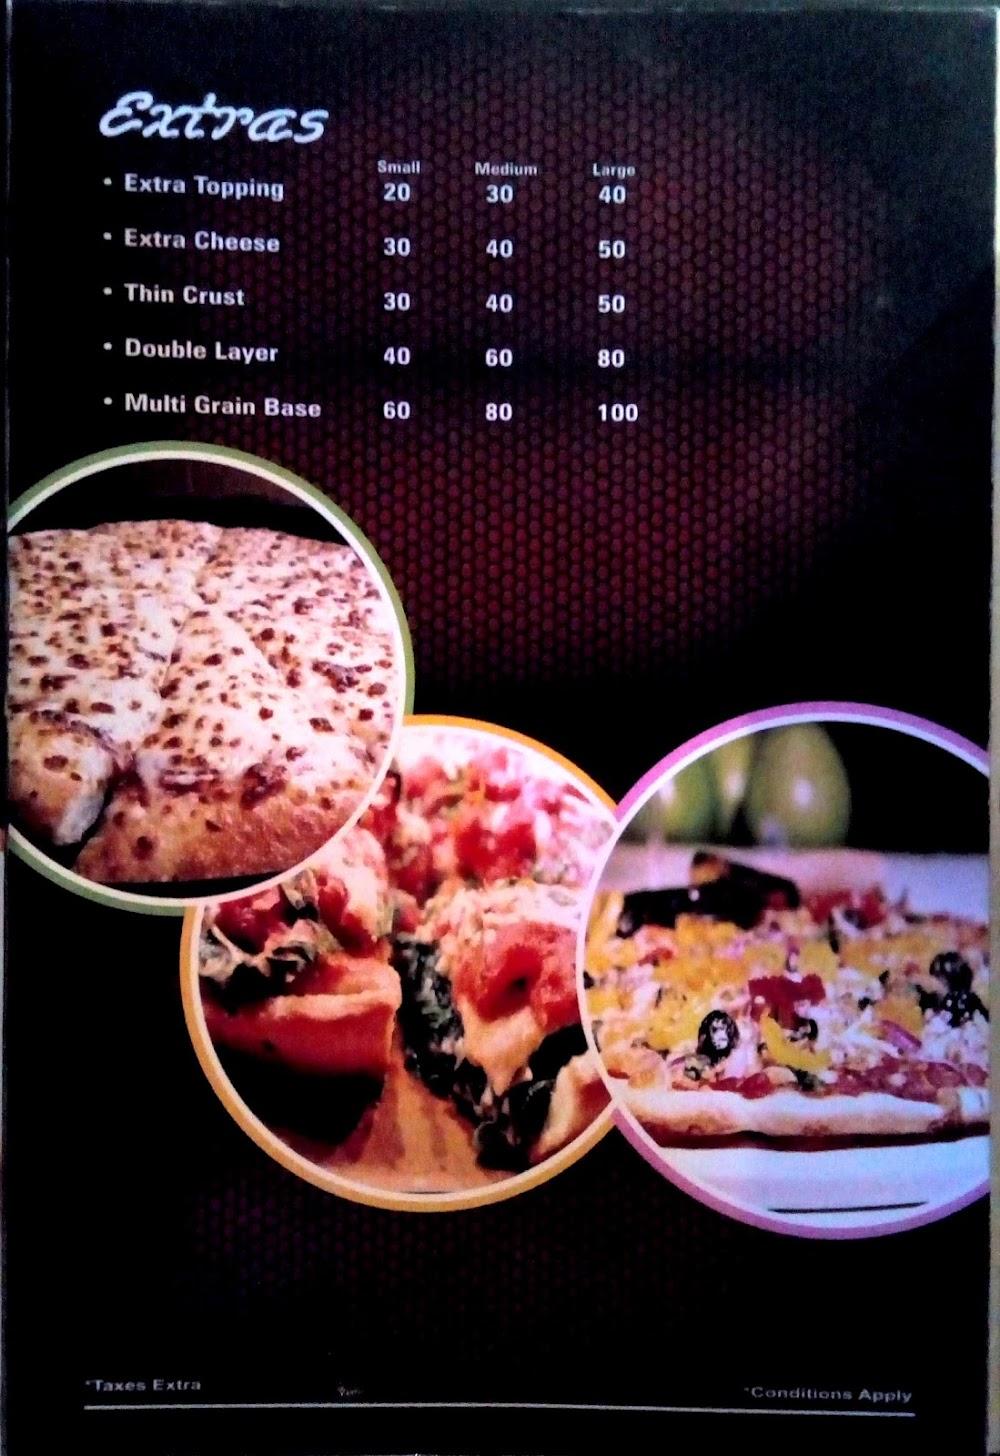 Pizza Burst Mira Road menu 10